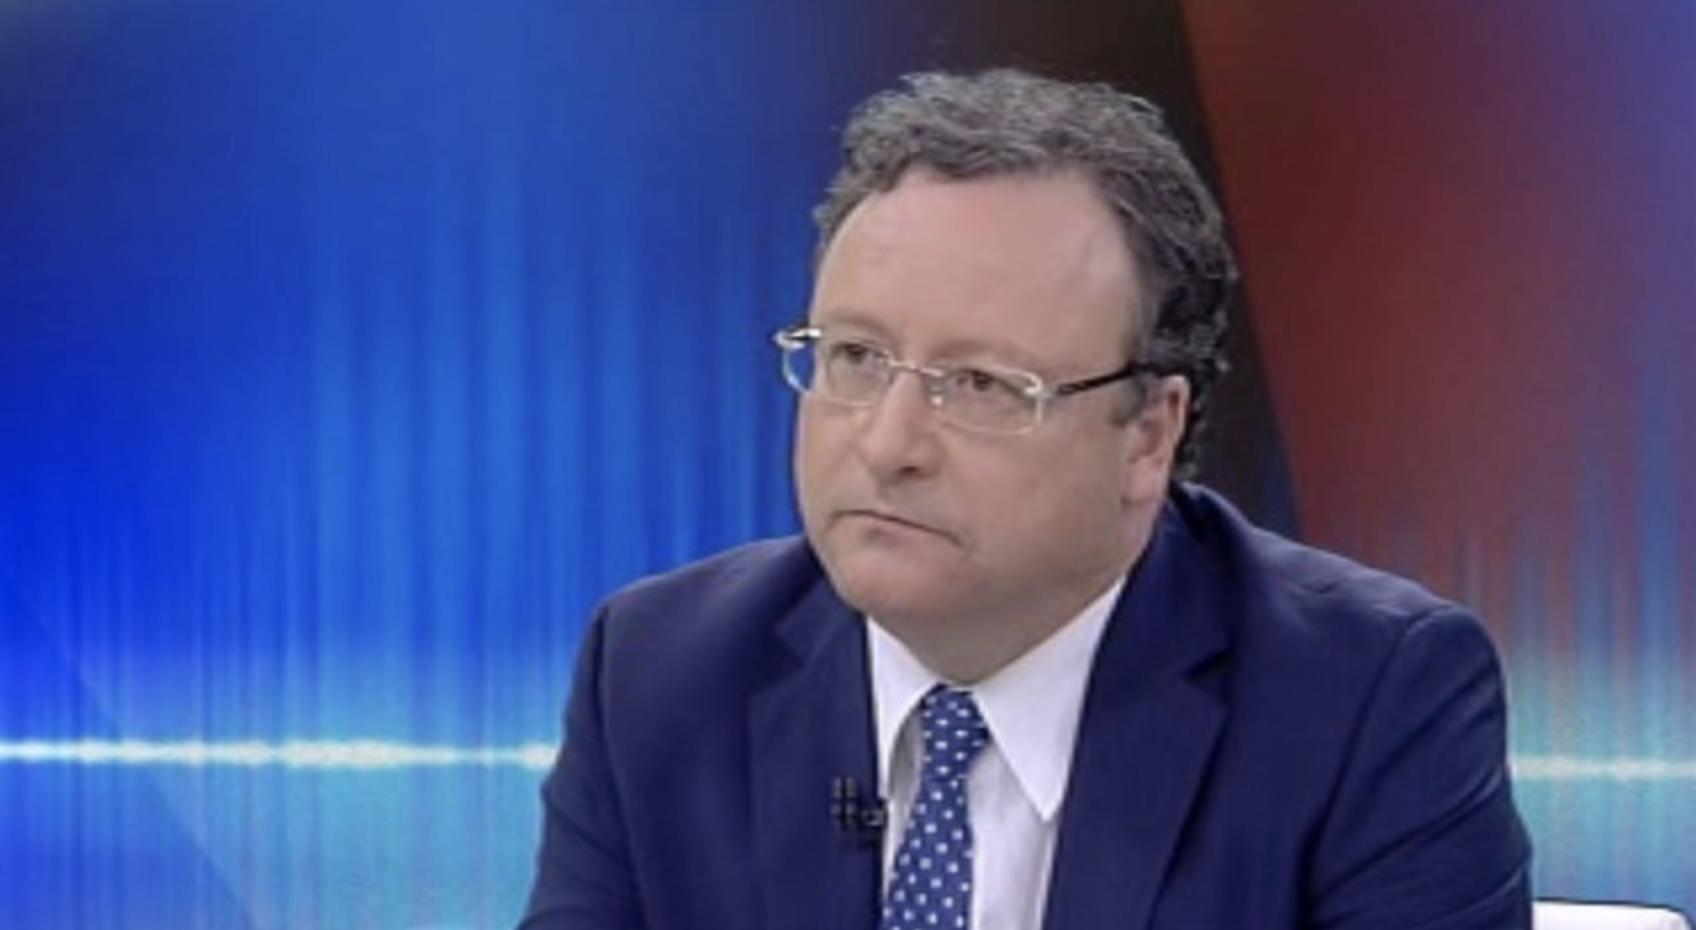 """Eurodeputado português chuta o balde: """"Um canalha à porta do Planalto"""""""